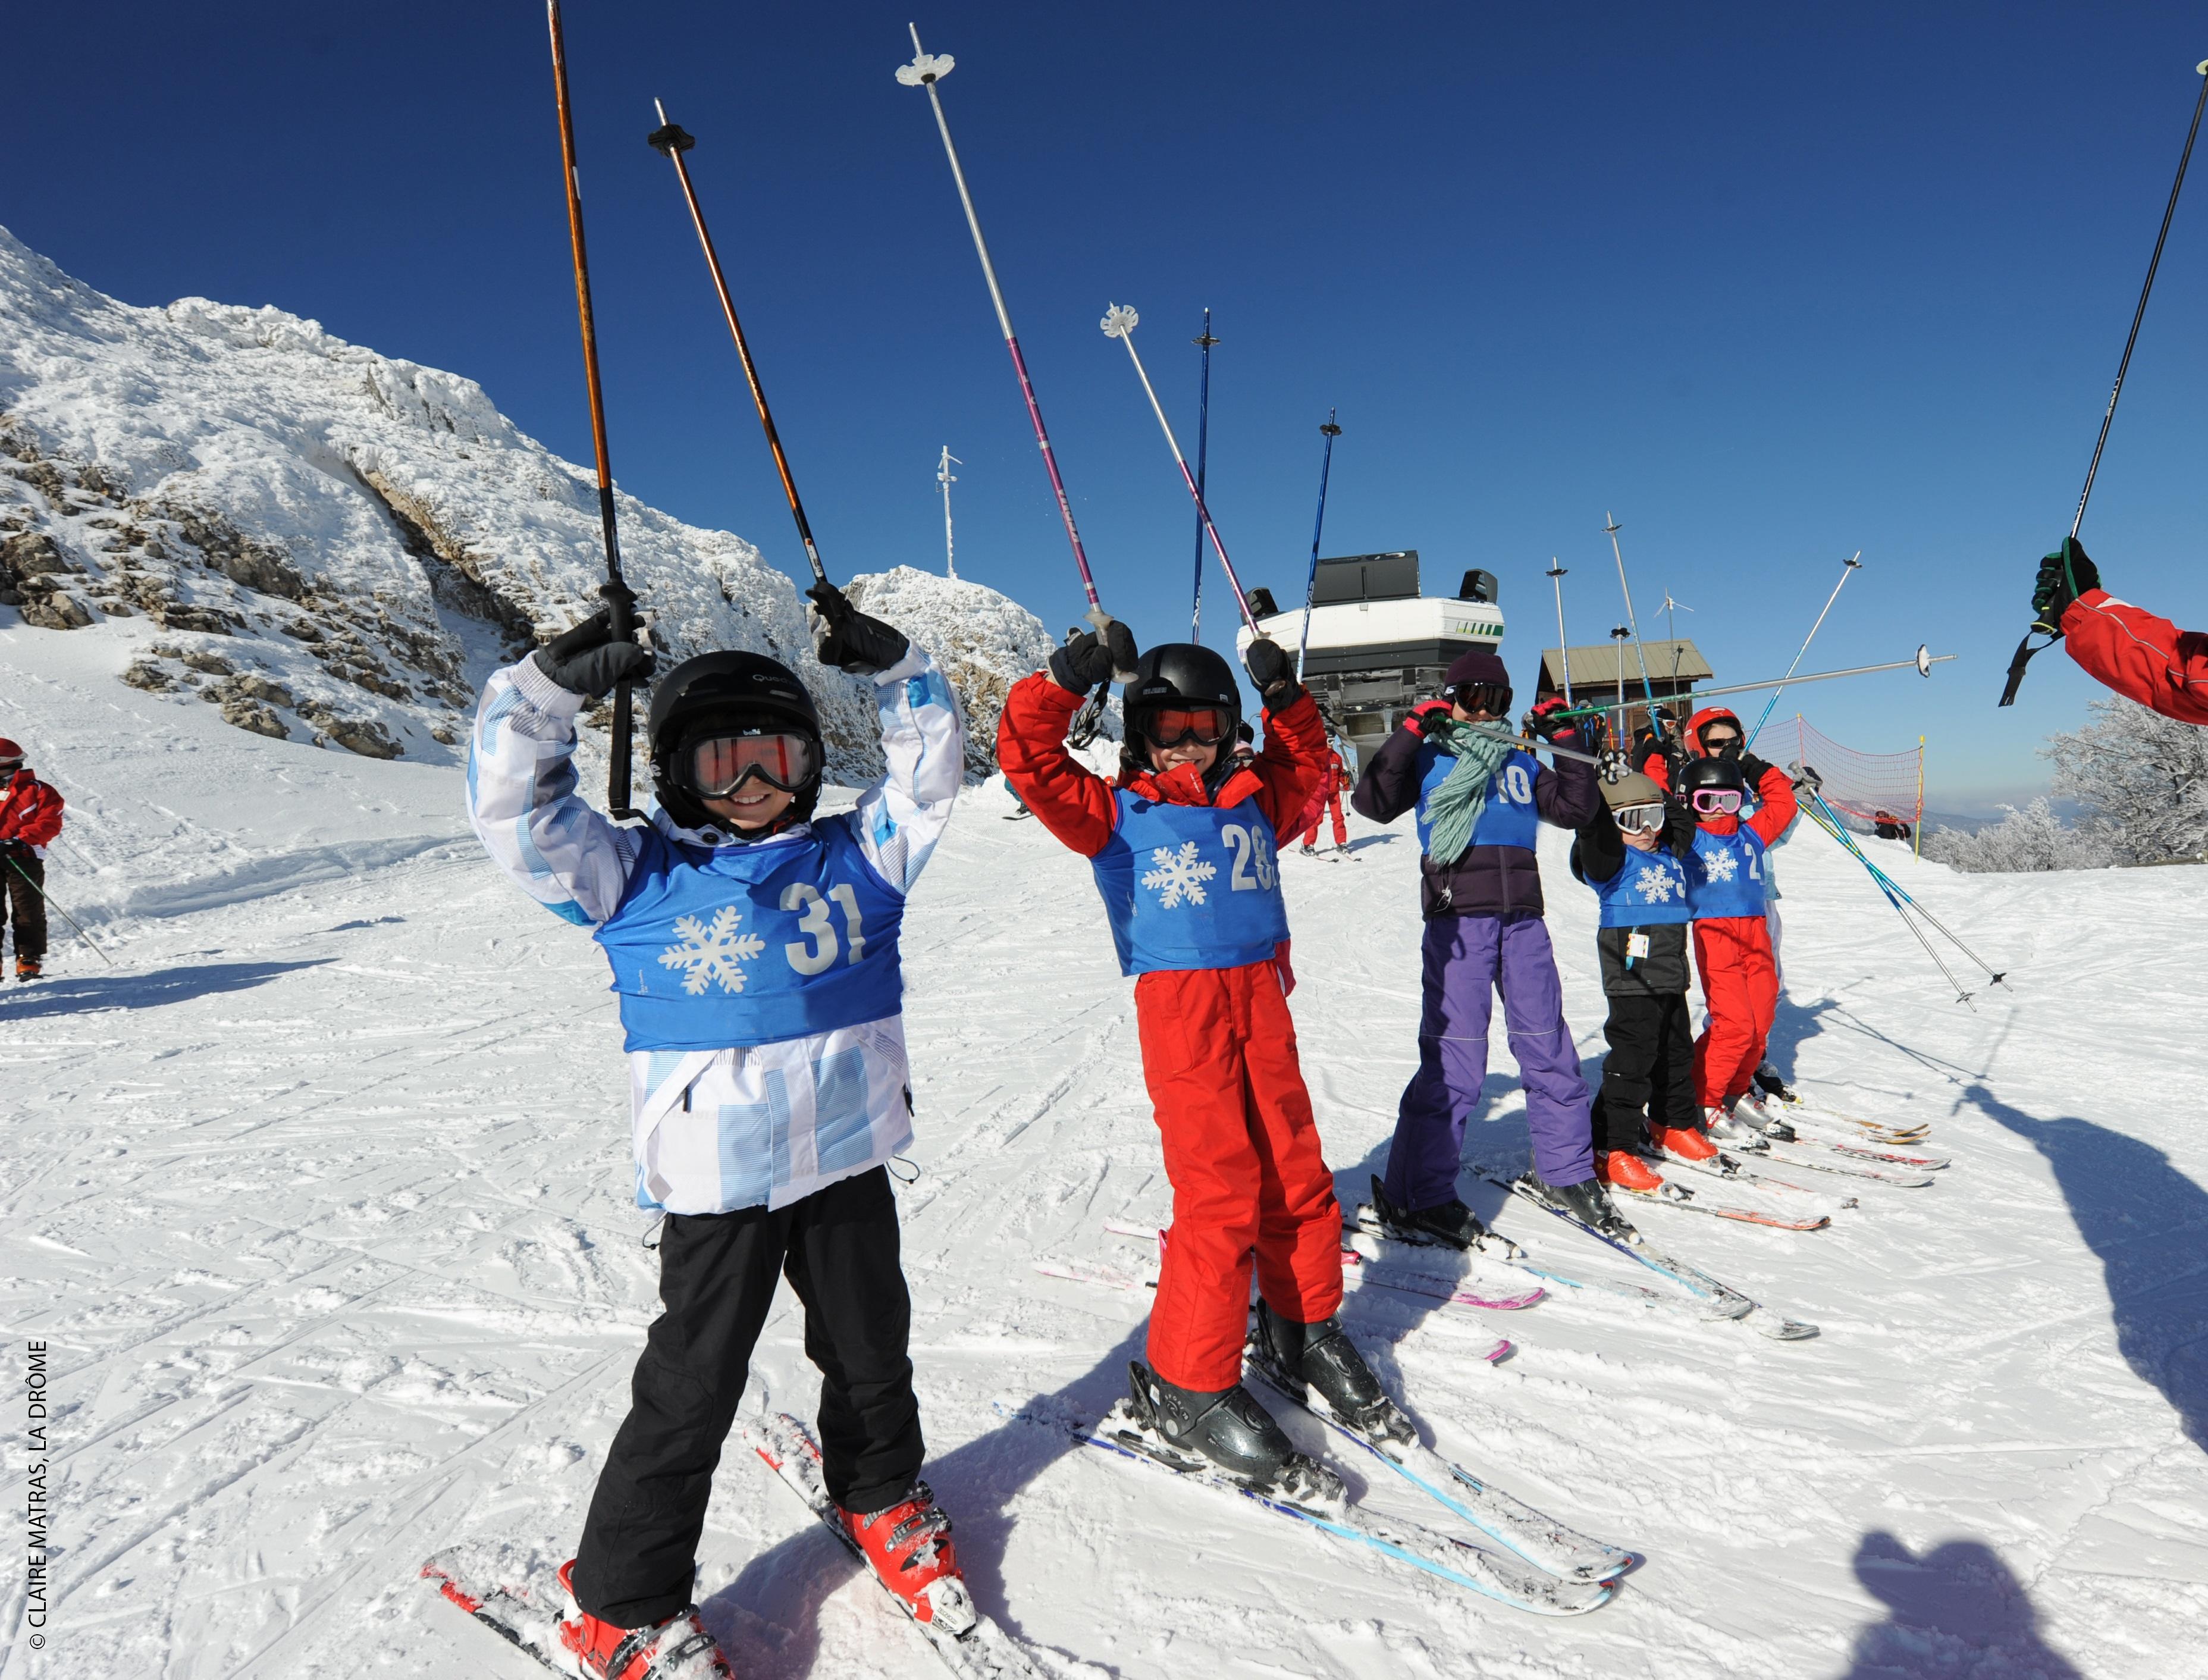 Groupe d'enfants heureux sur les pistes de ski en colonie de vacances